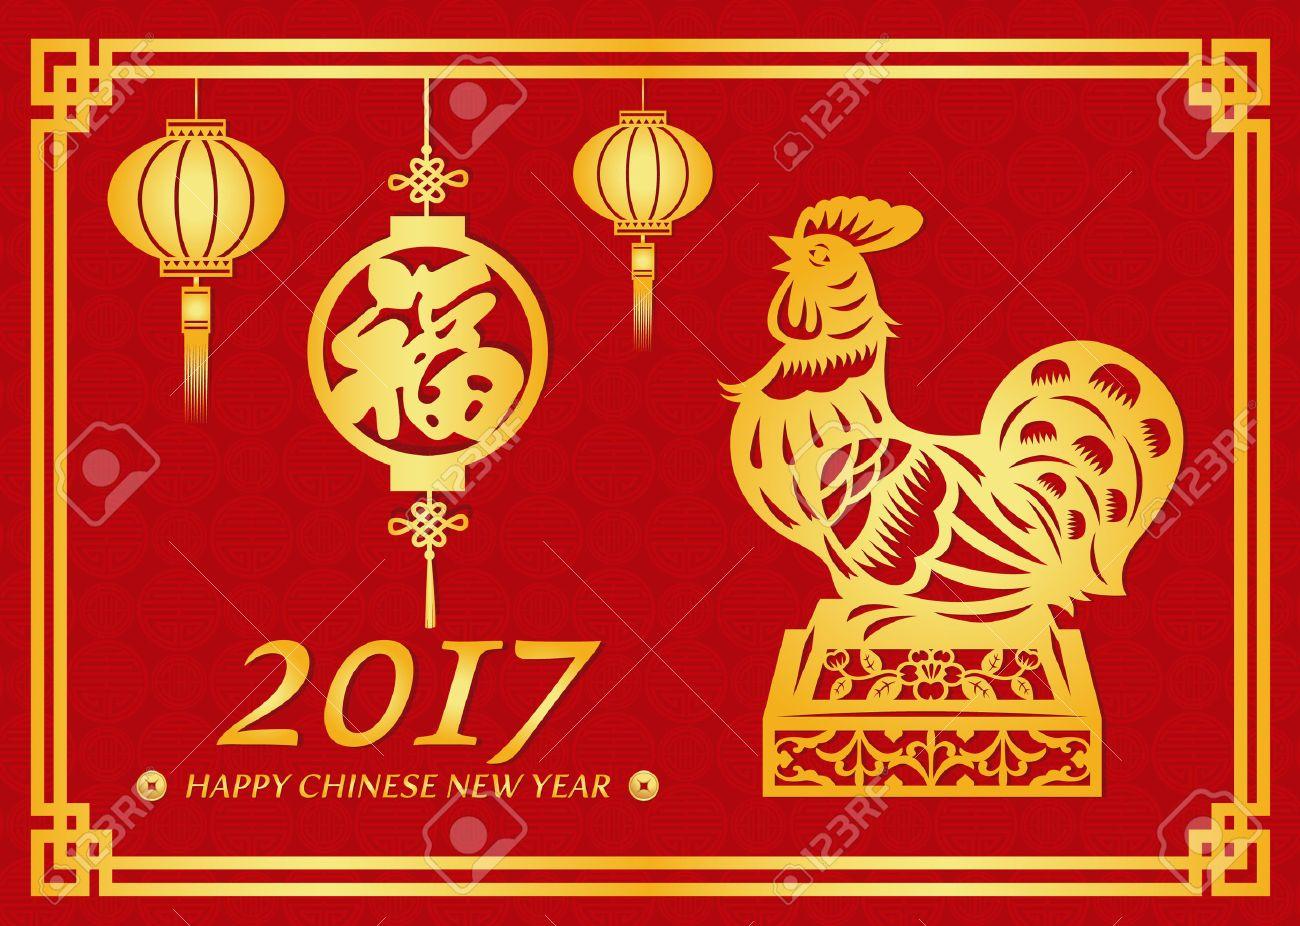 Frohes Neues Jahr 2017 Karte Laternen, Gold Huhn Und Chinesische ...